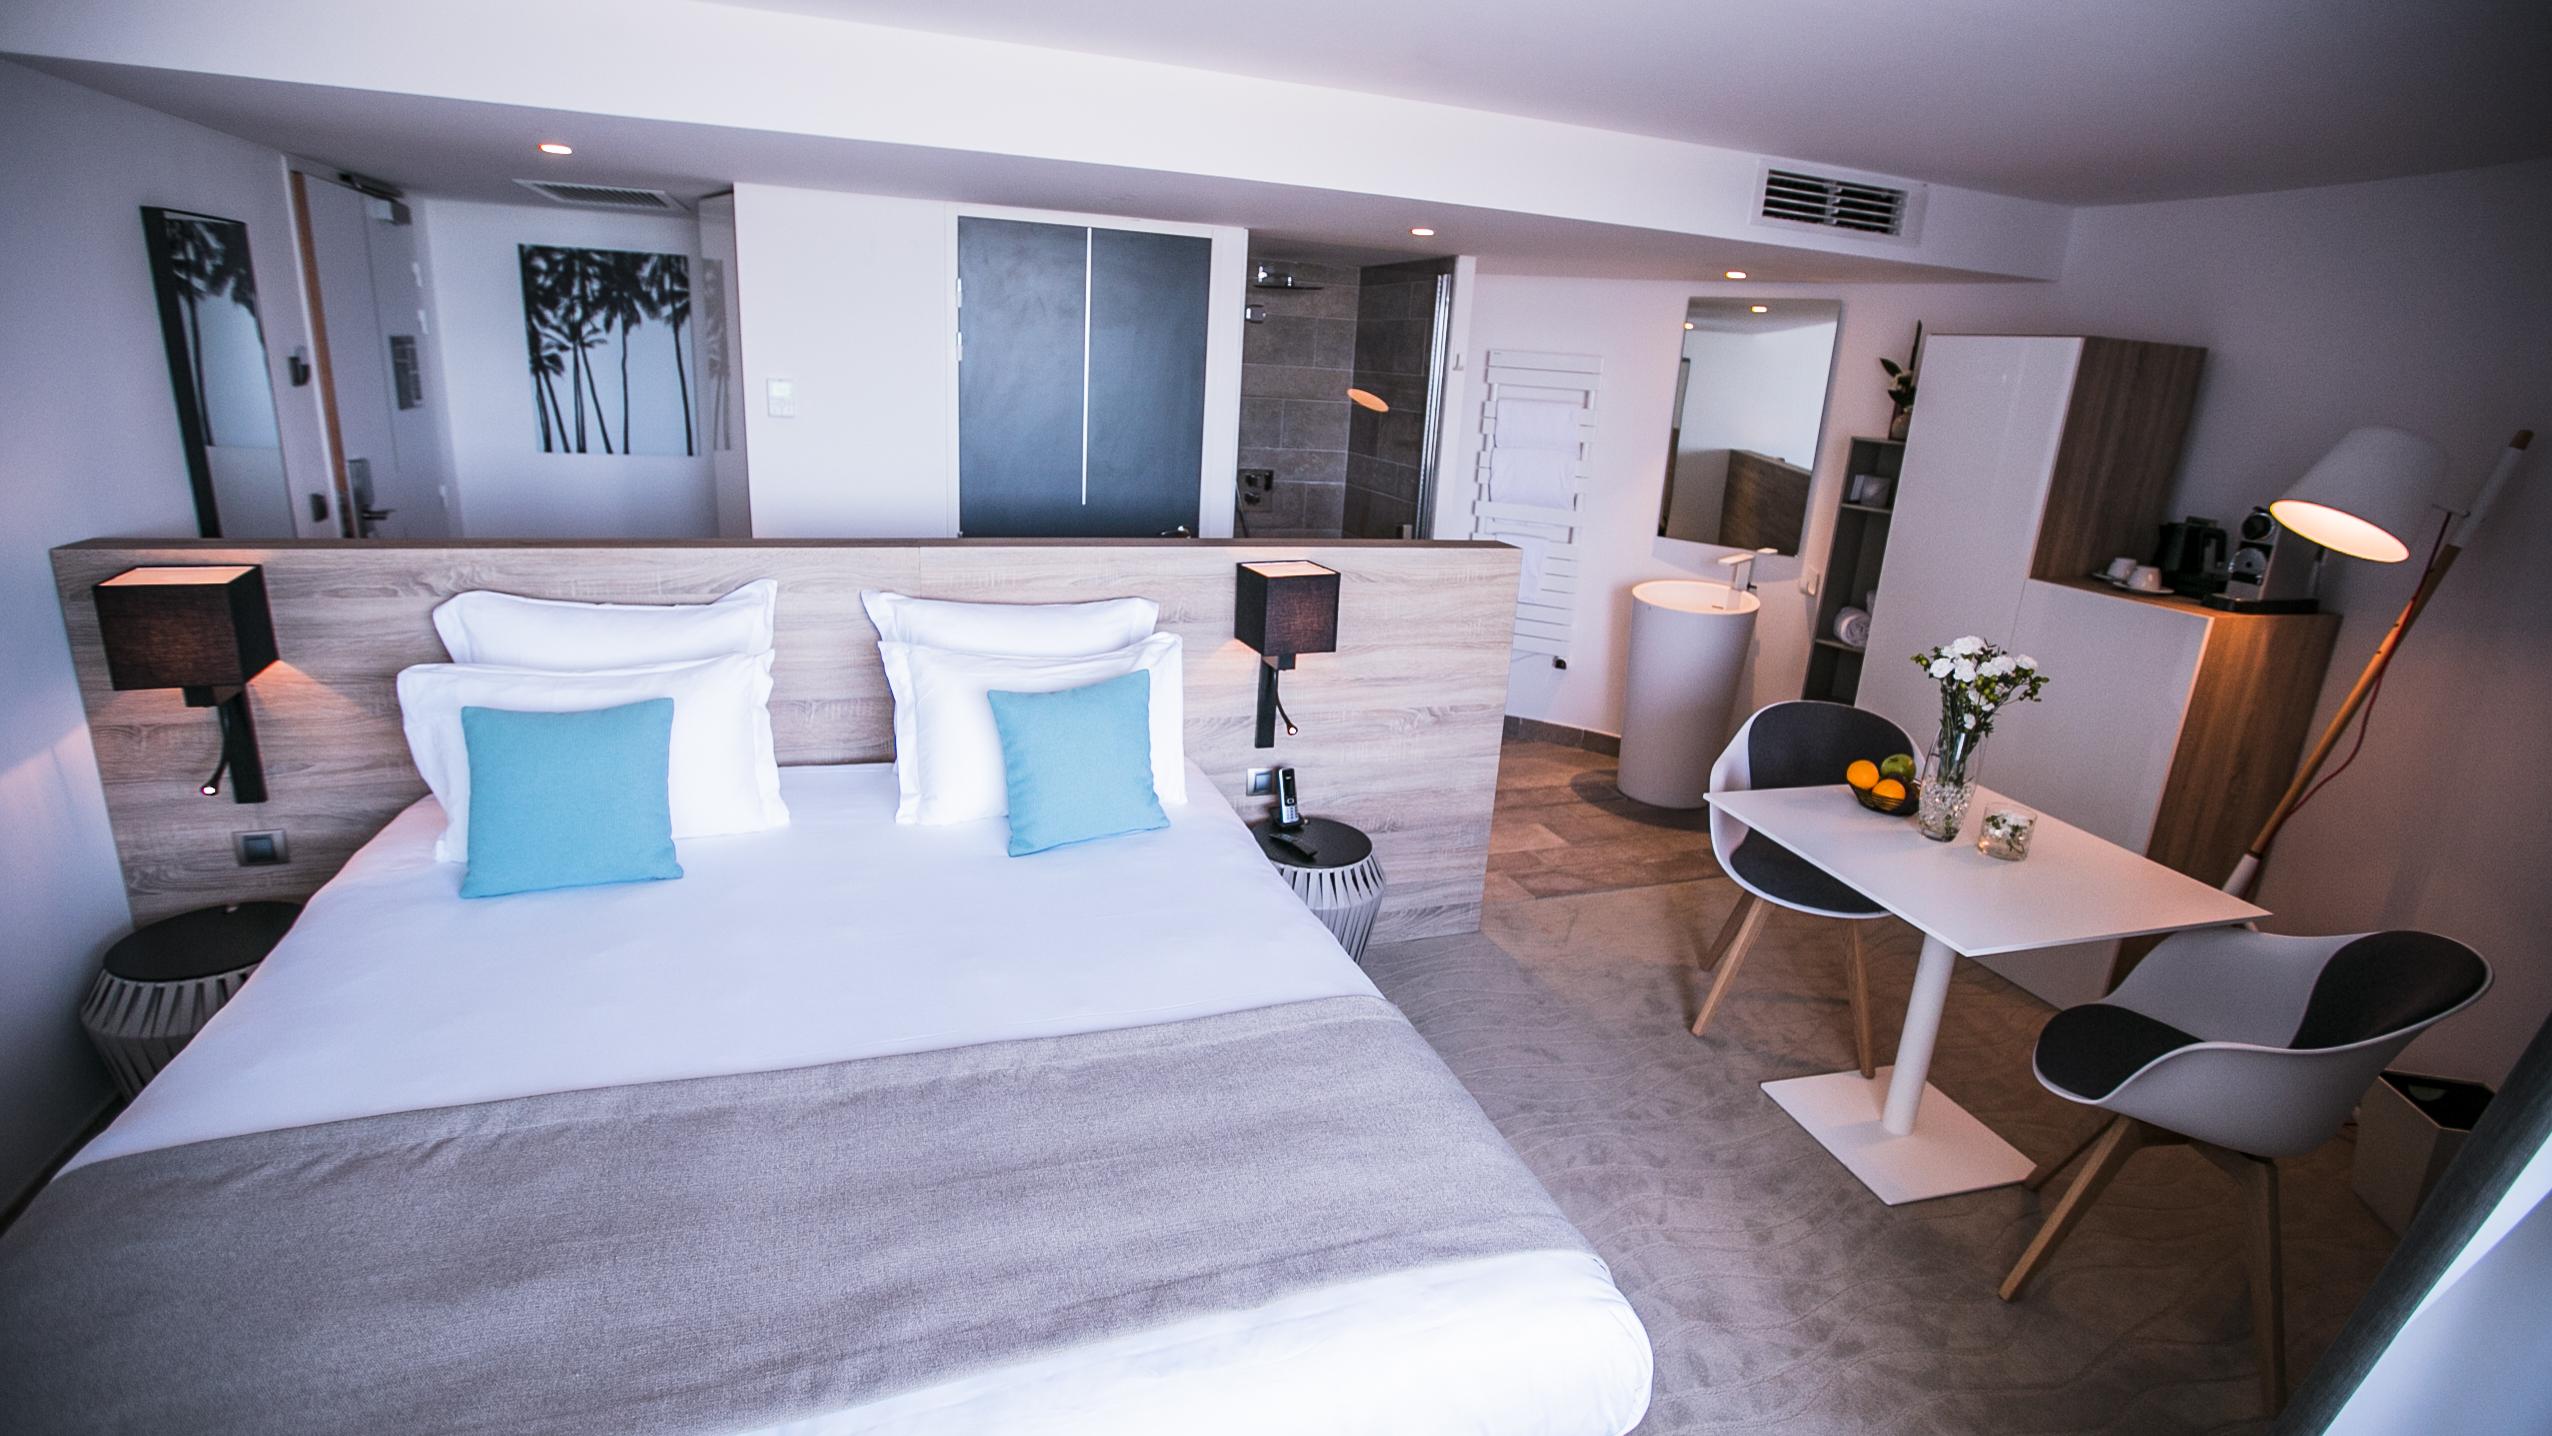 Chambre bien équipée avec lit double et salle de bain avec douche à l'italienne, hôtel de charme bord de mer, Hôtel La Plage.